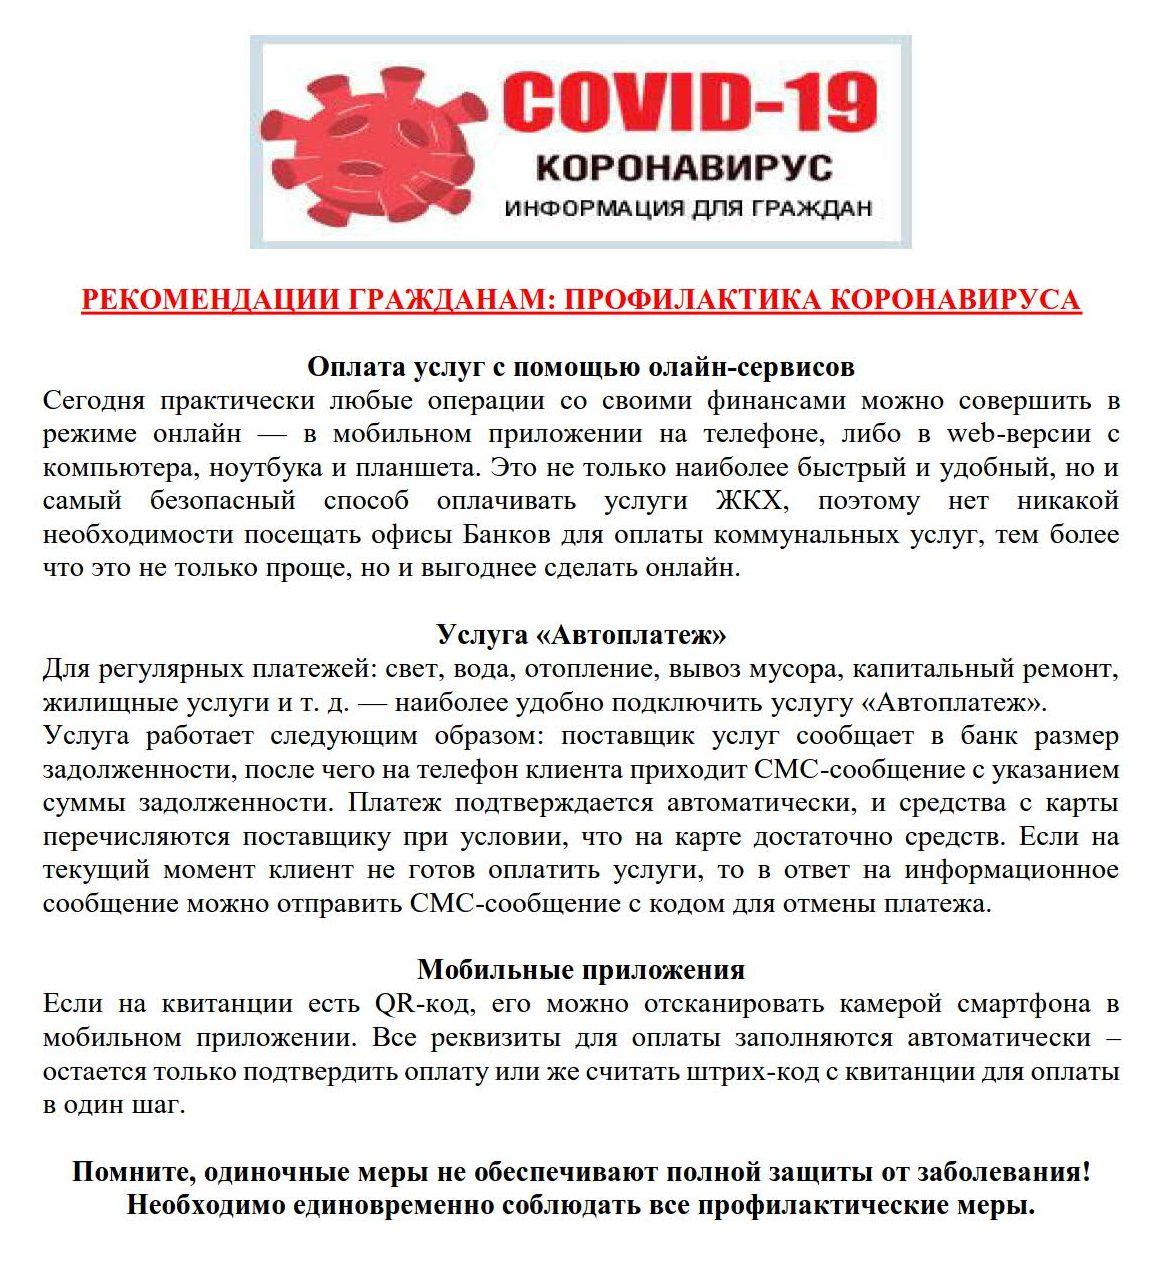 Рекомендации гражданам_профилакт_коронавируса_2